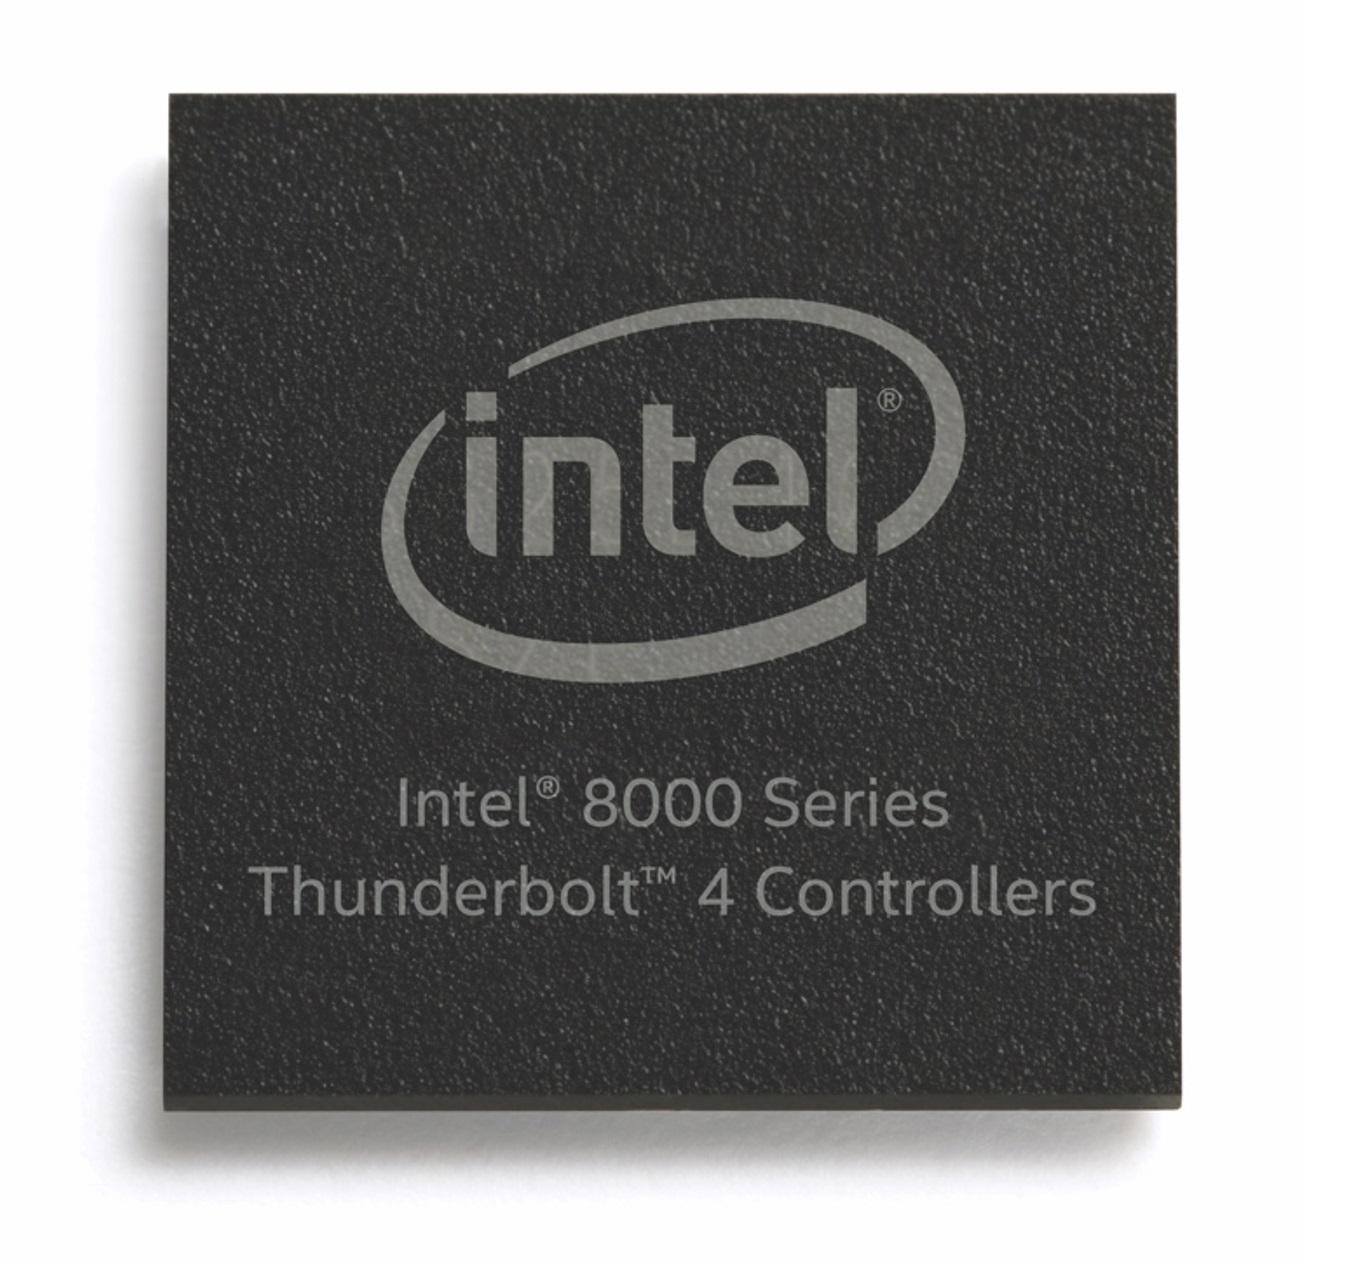 Intel Thunderbolt 4: Universelle Kabelverbindung macht Ladekabel überflüssig